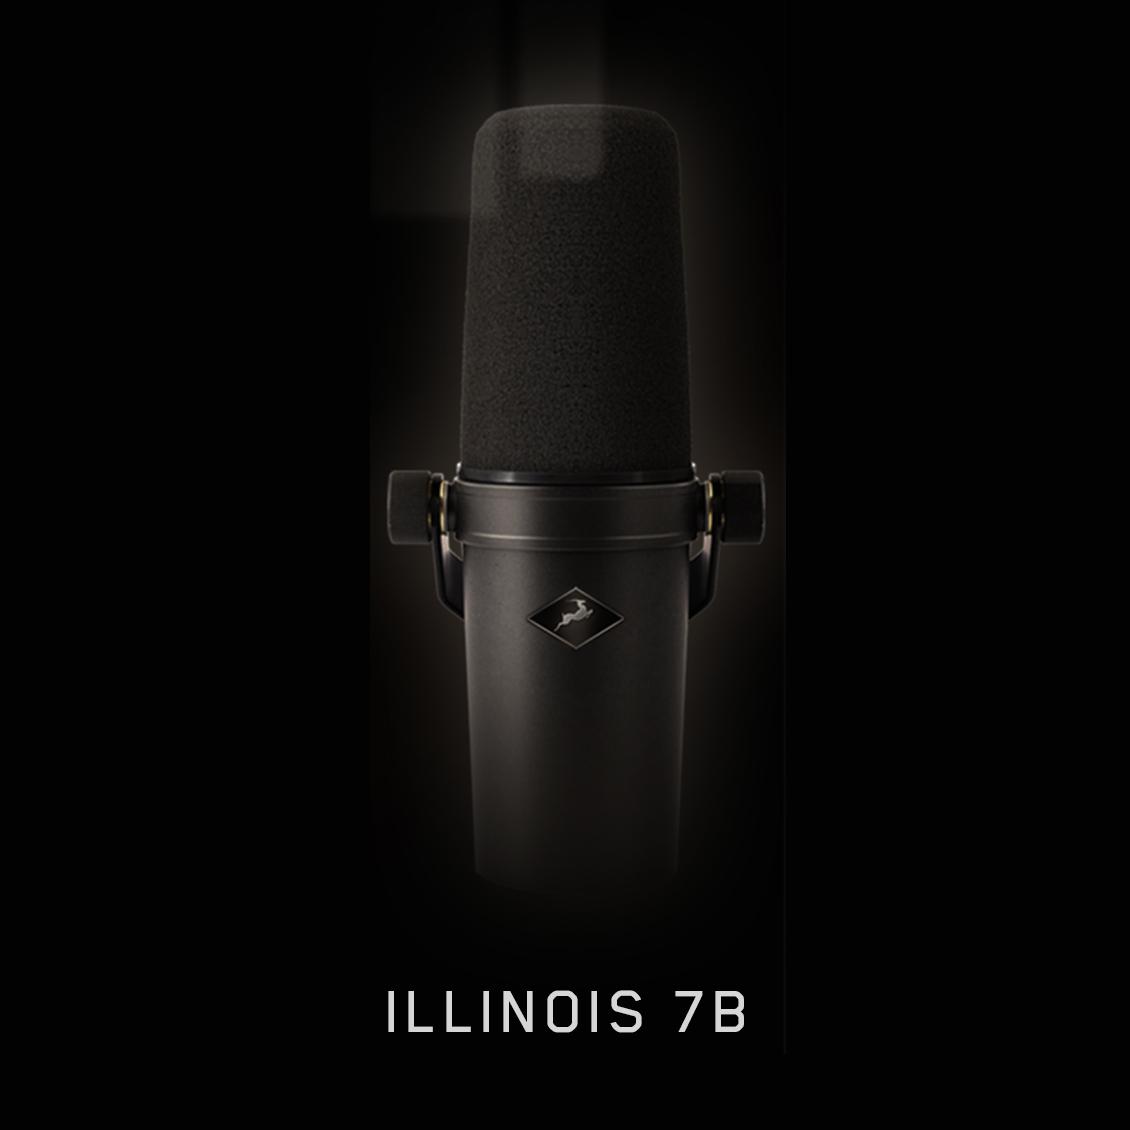 Illinois 7B